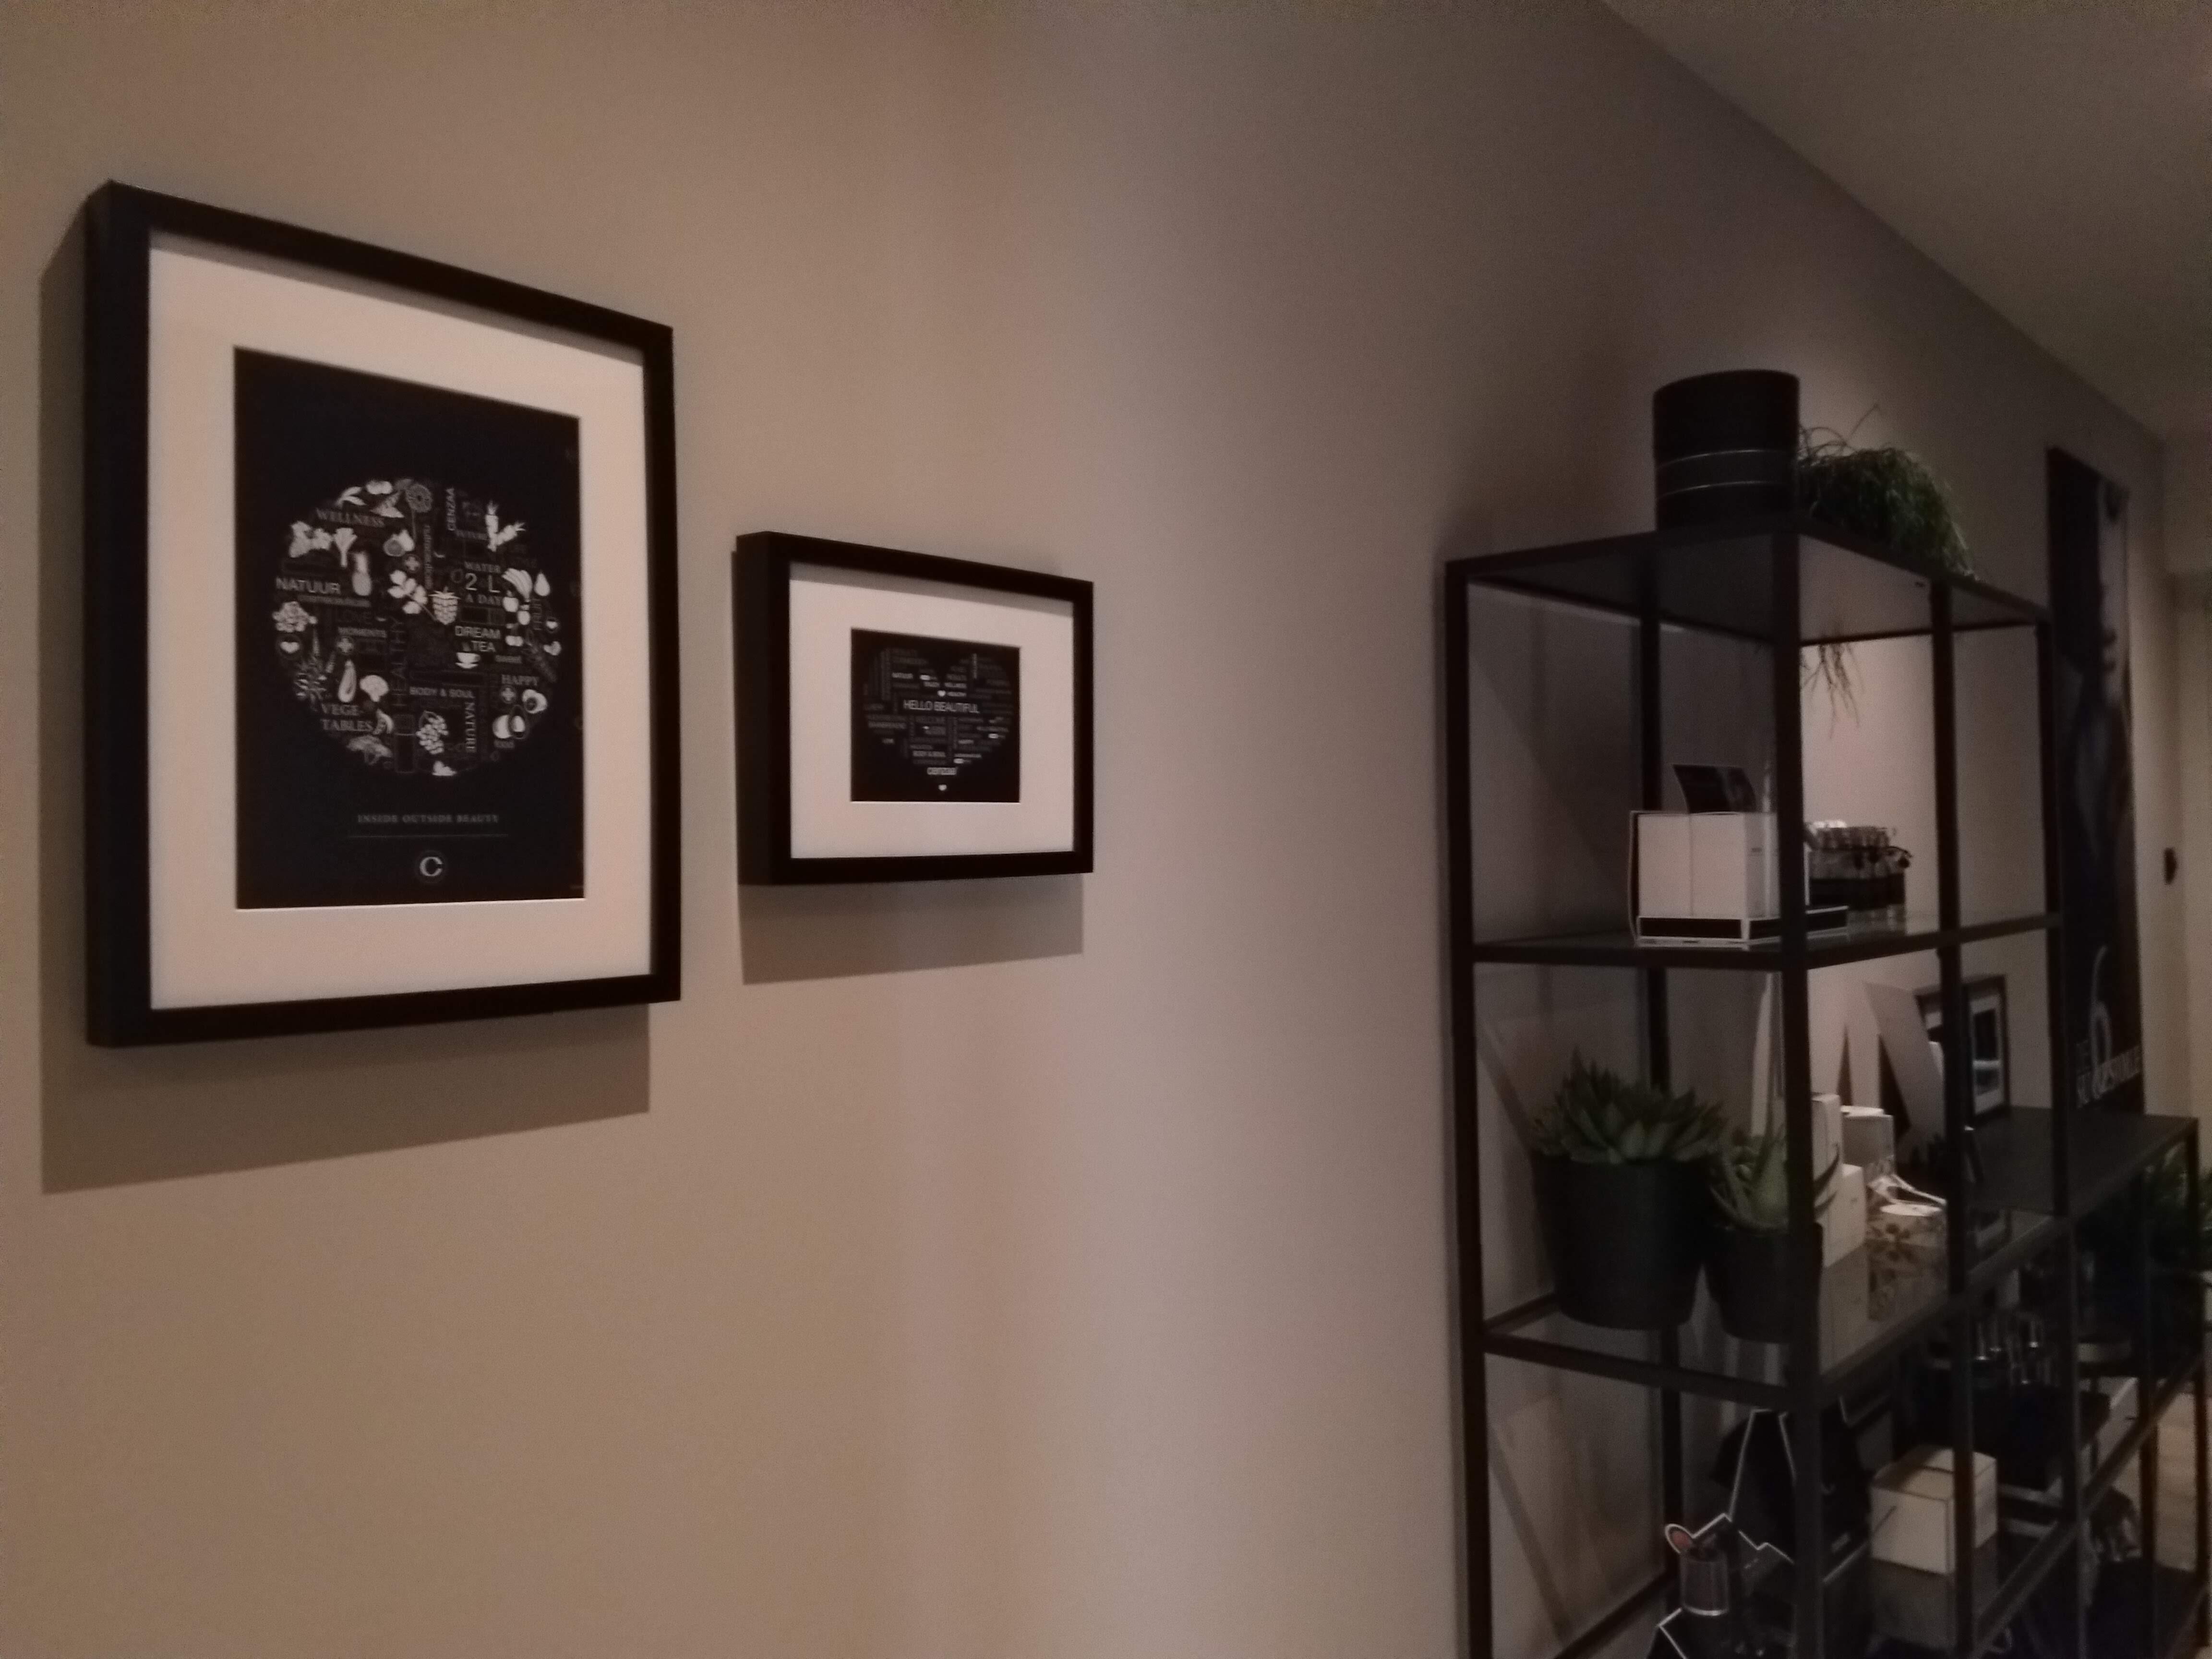 Interieurontwerp – Schoonheidssalon by E skinstudio